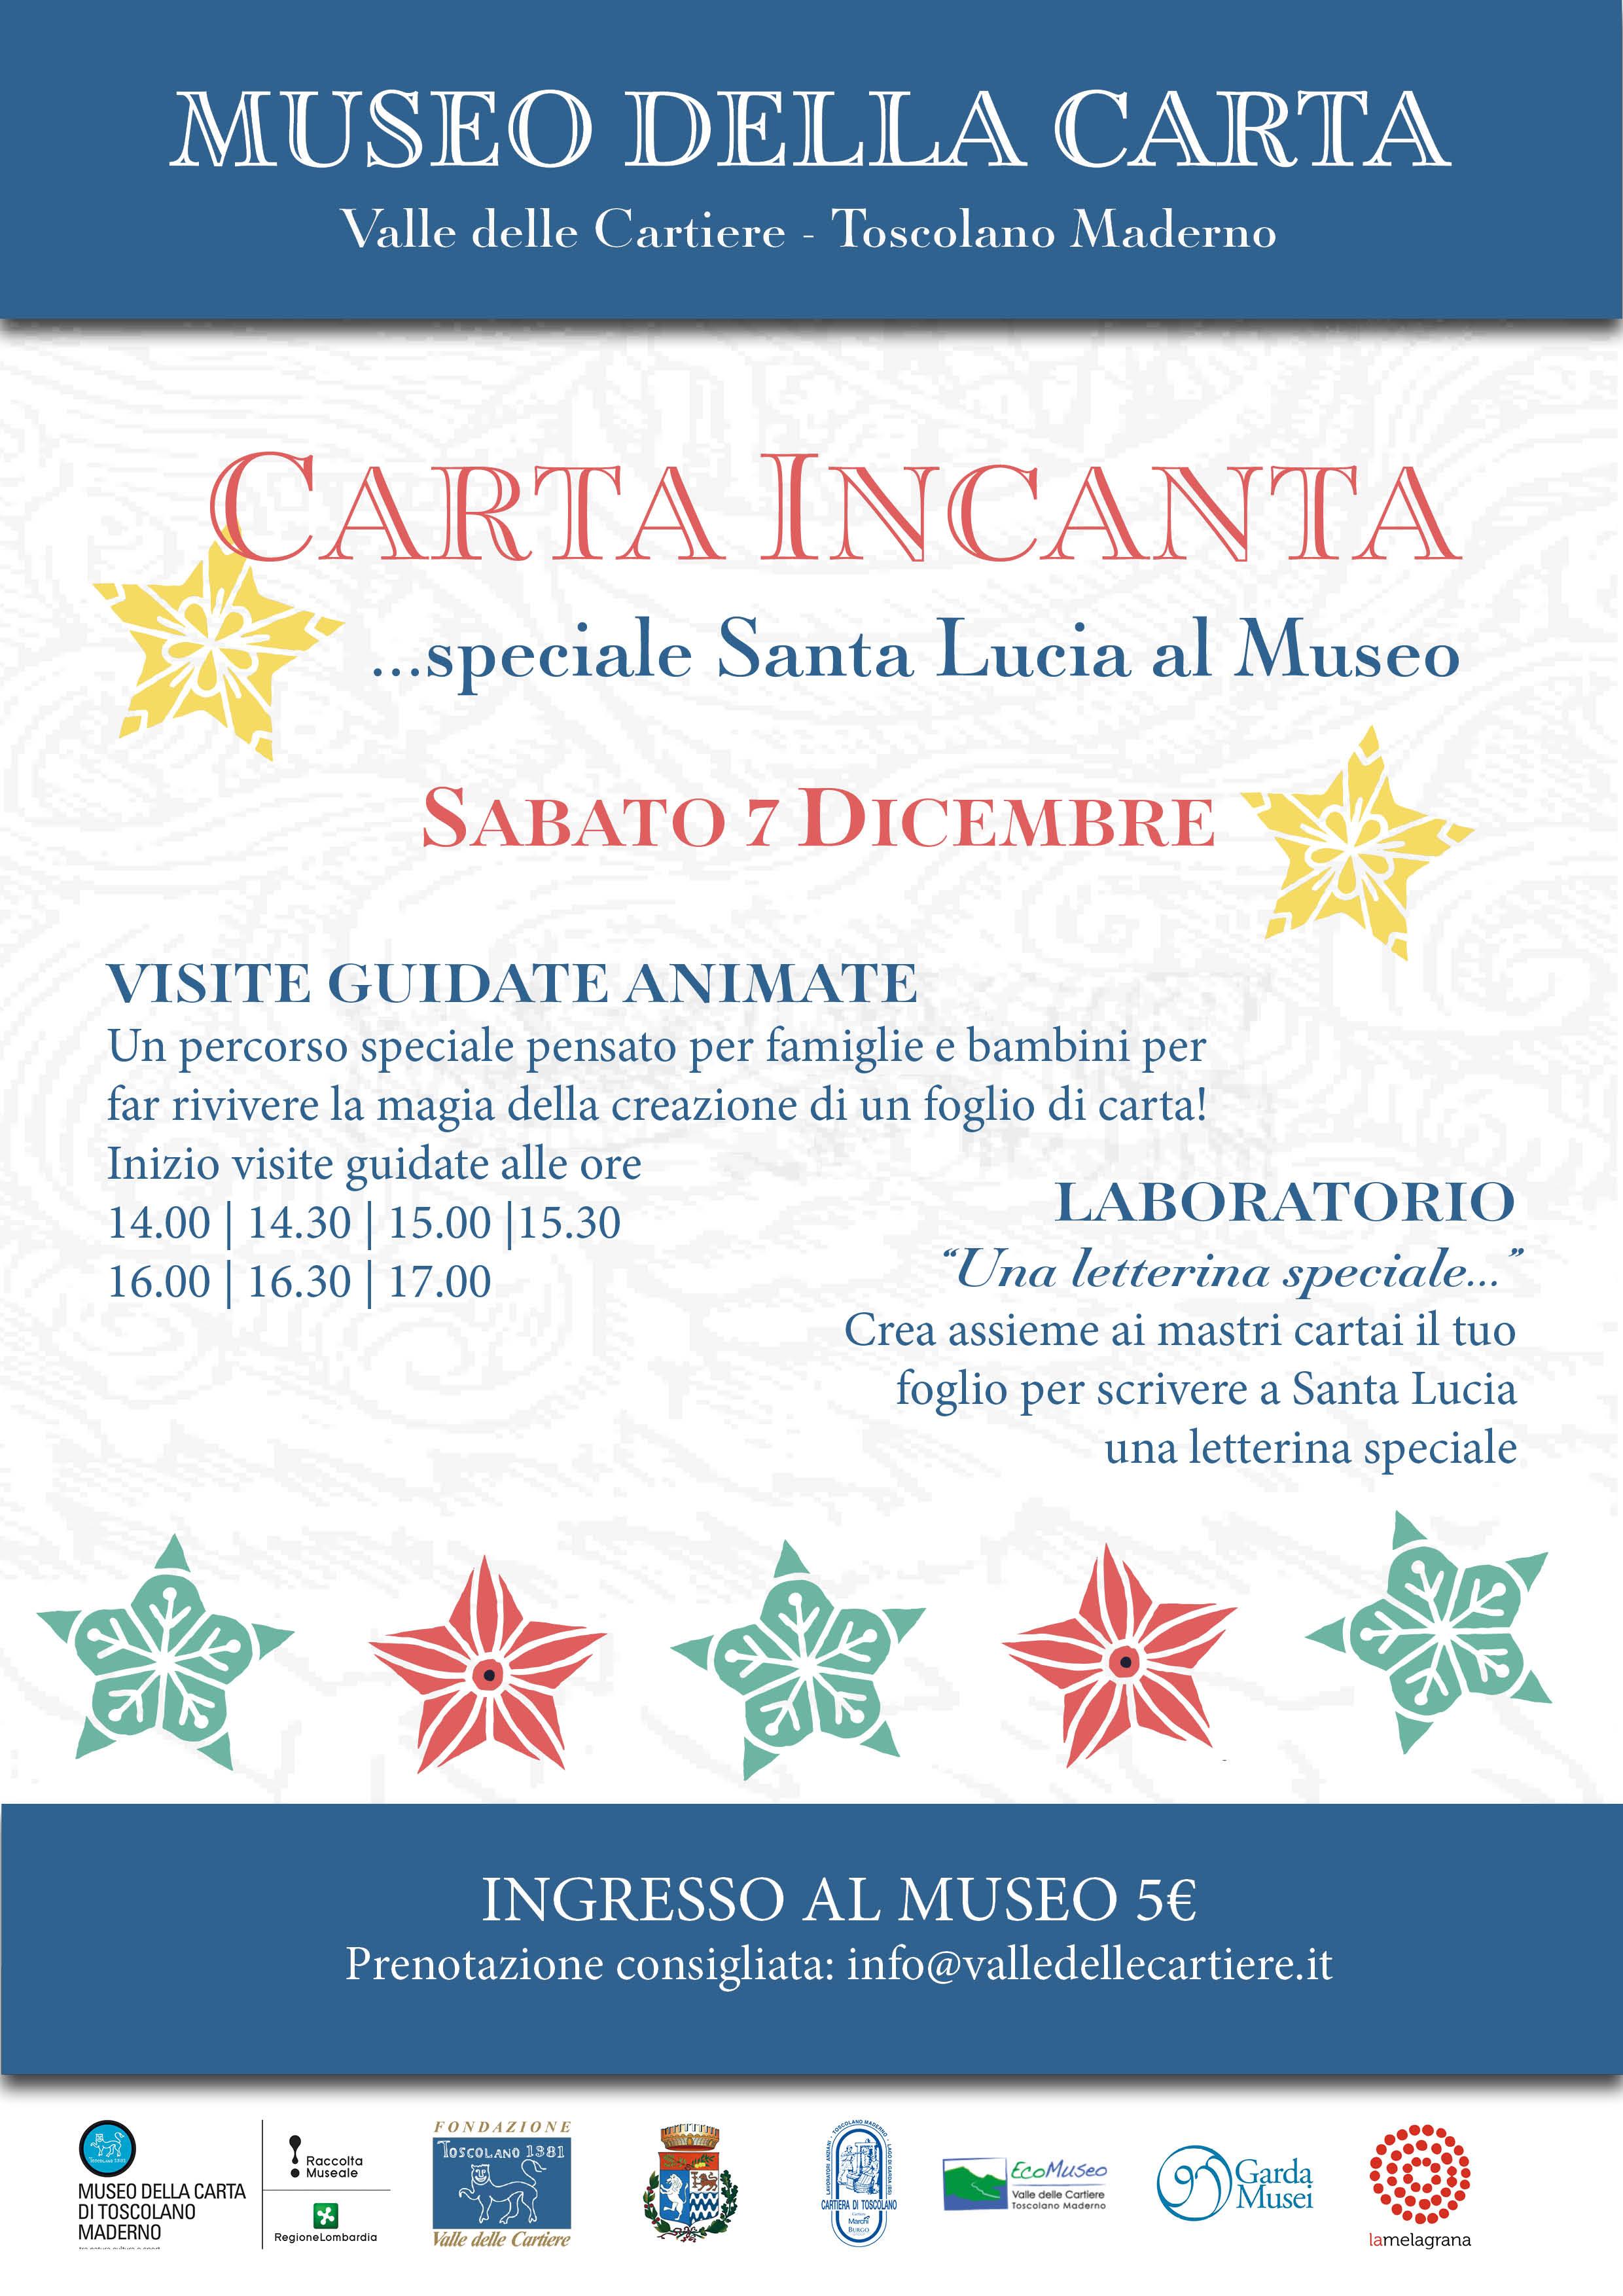 Carta Incanta | Speciale Santa Lucia al Museo